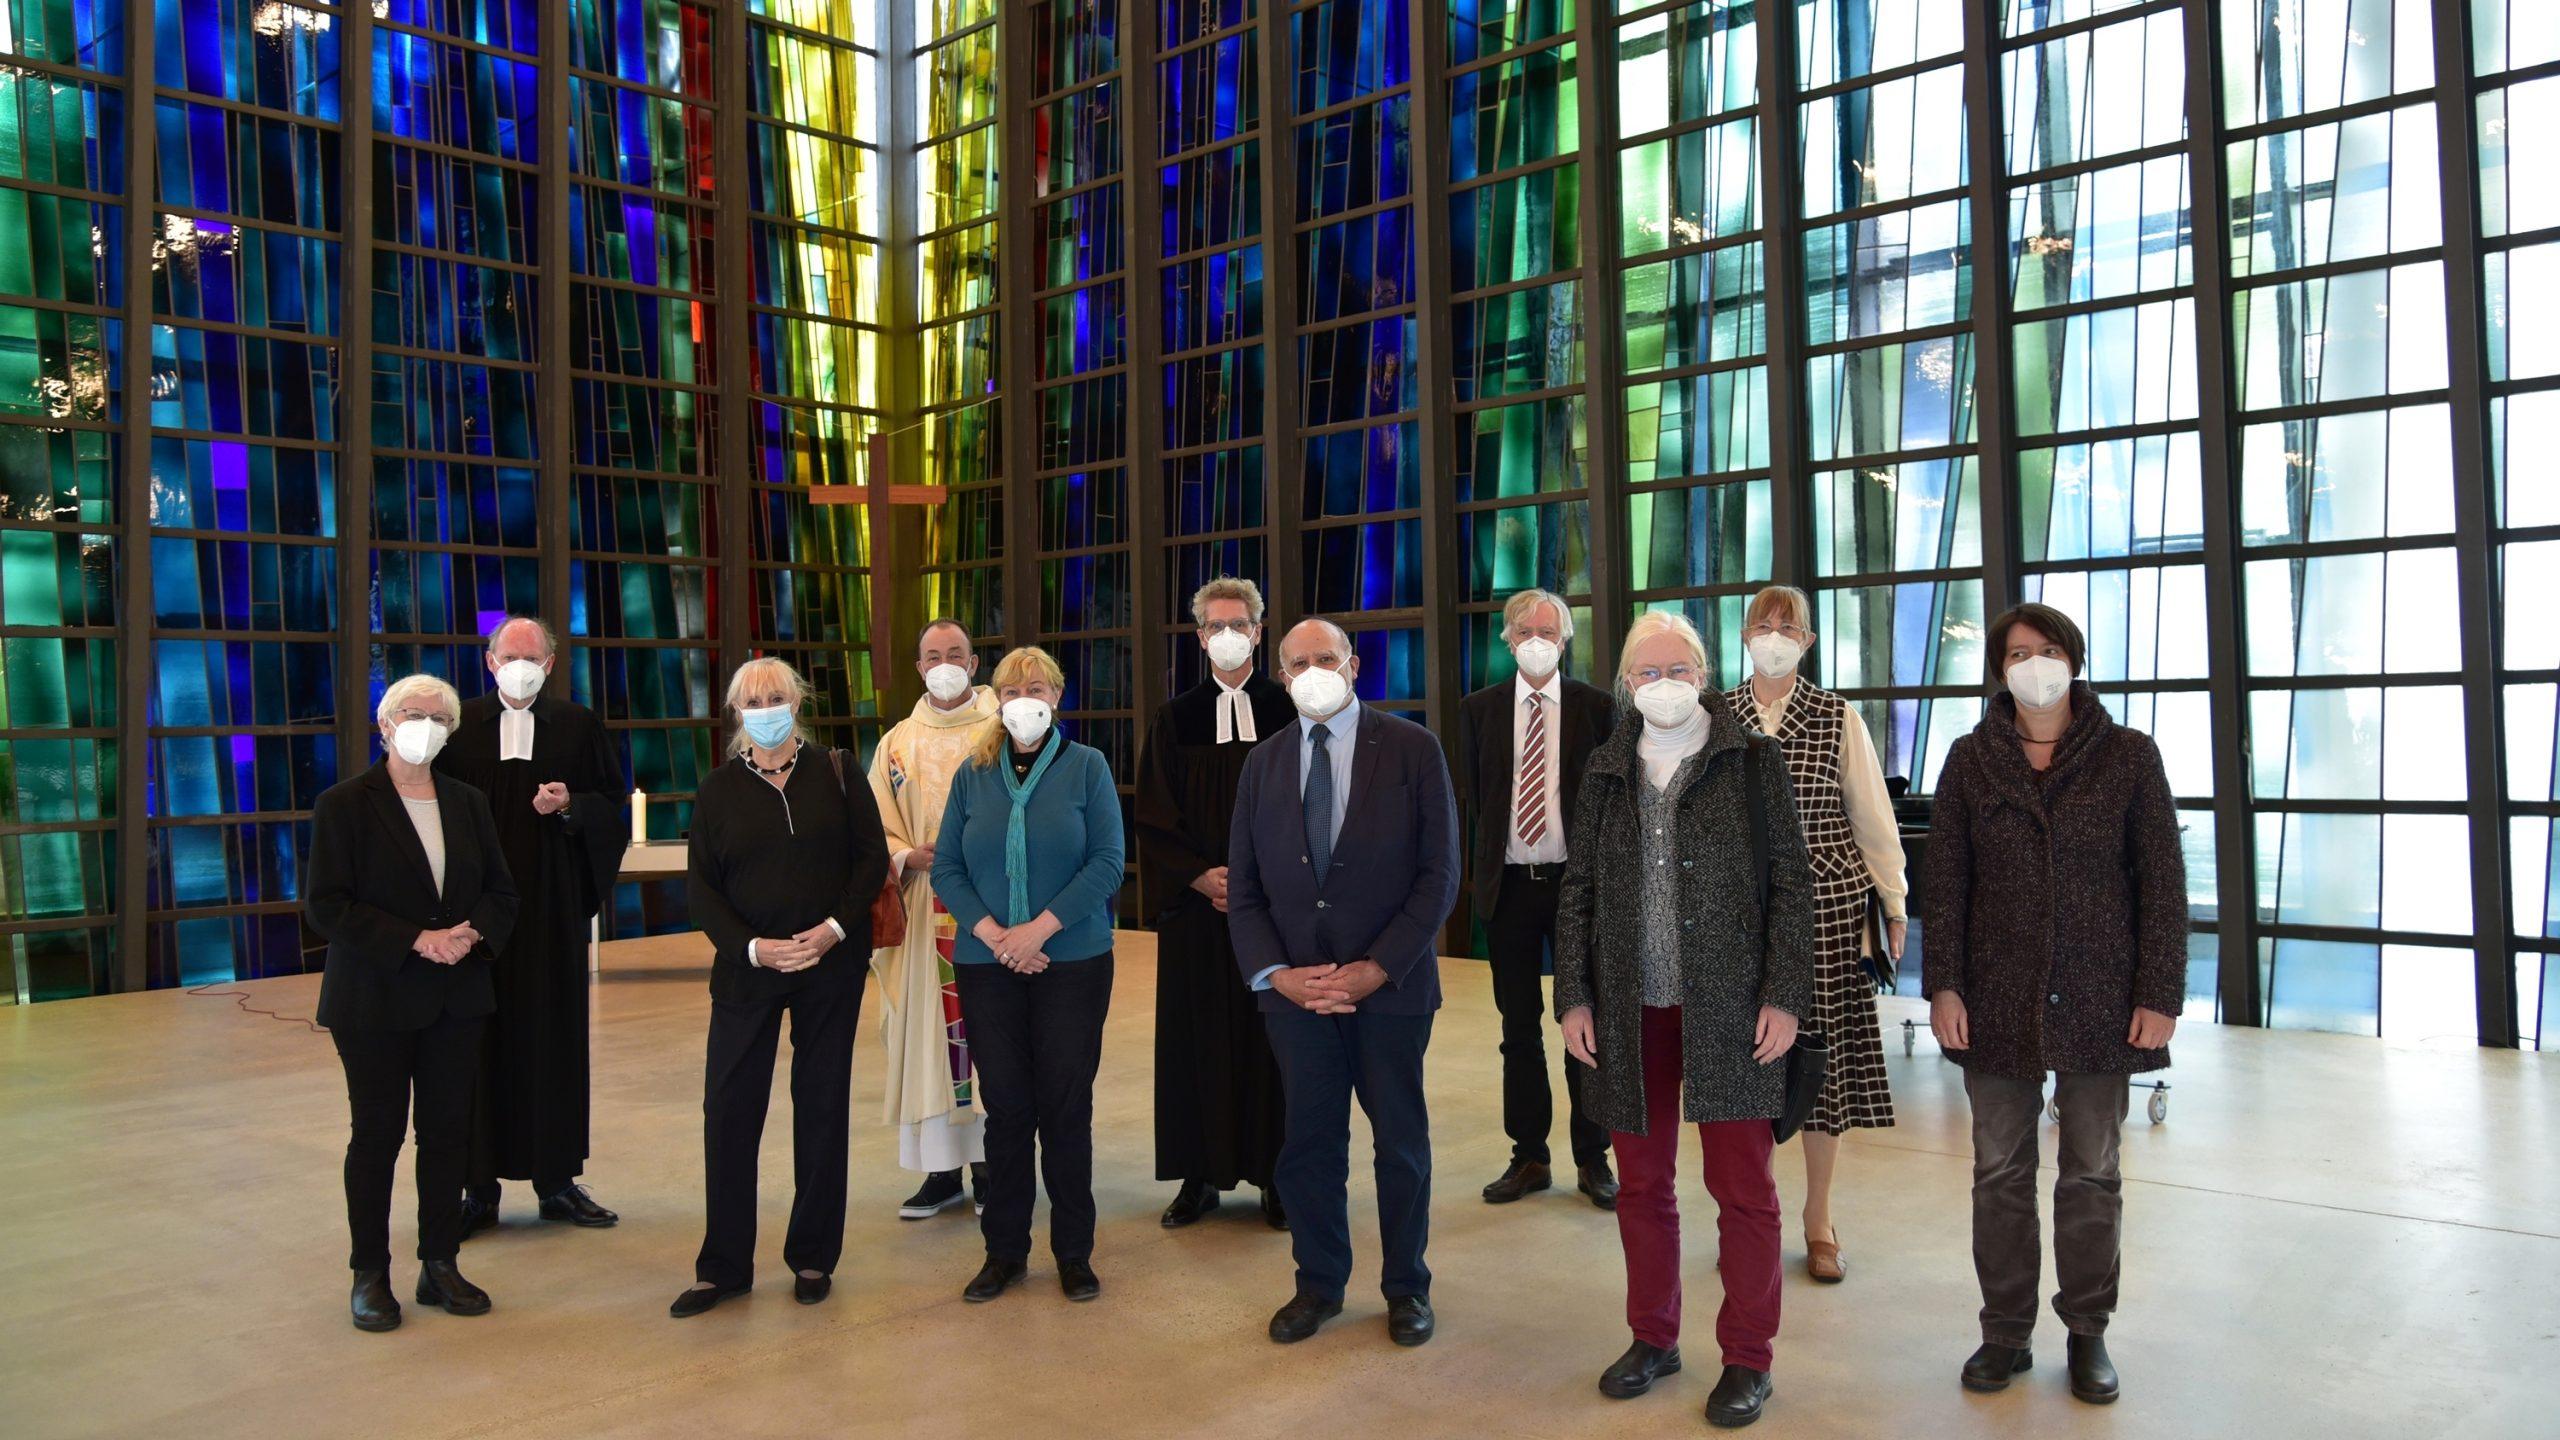 Stephanuskirche in Köln-Riehl nach ihrer Grundsanierung mit drei Gottesdiensten wiedereröffnet